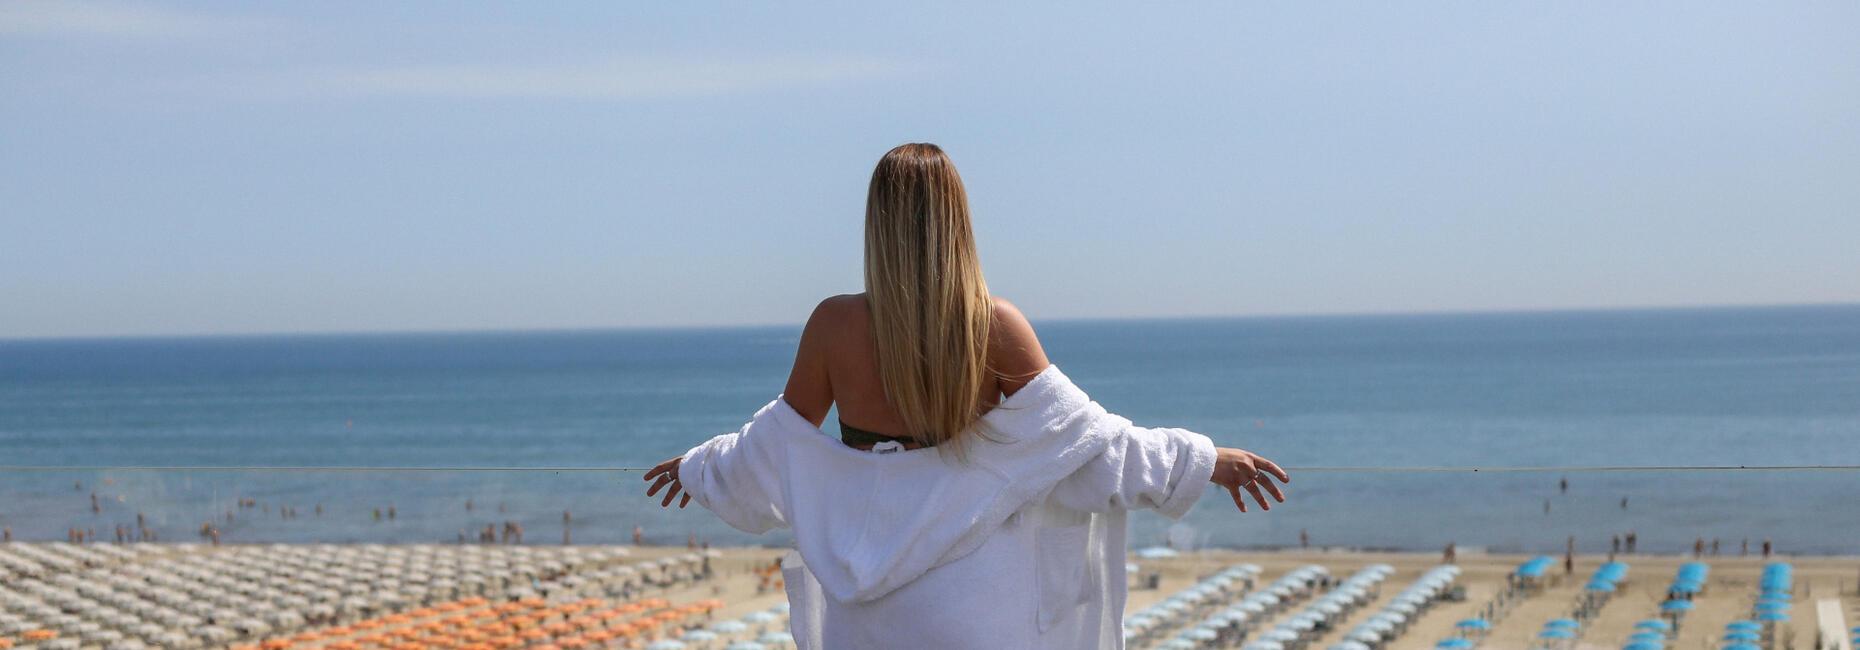 hotelcommodore fr juillet-a-cervia-a-l-hotel-en-bord-de-mer 016